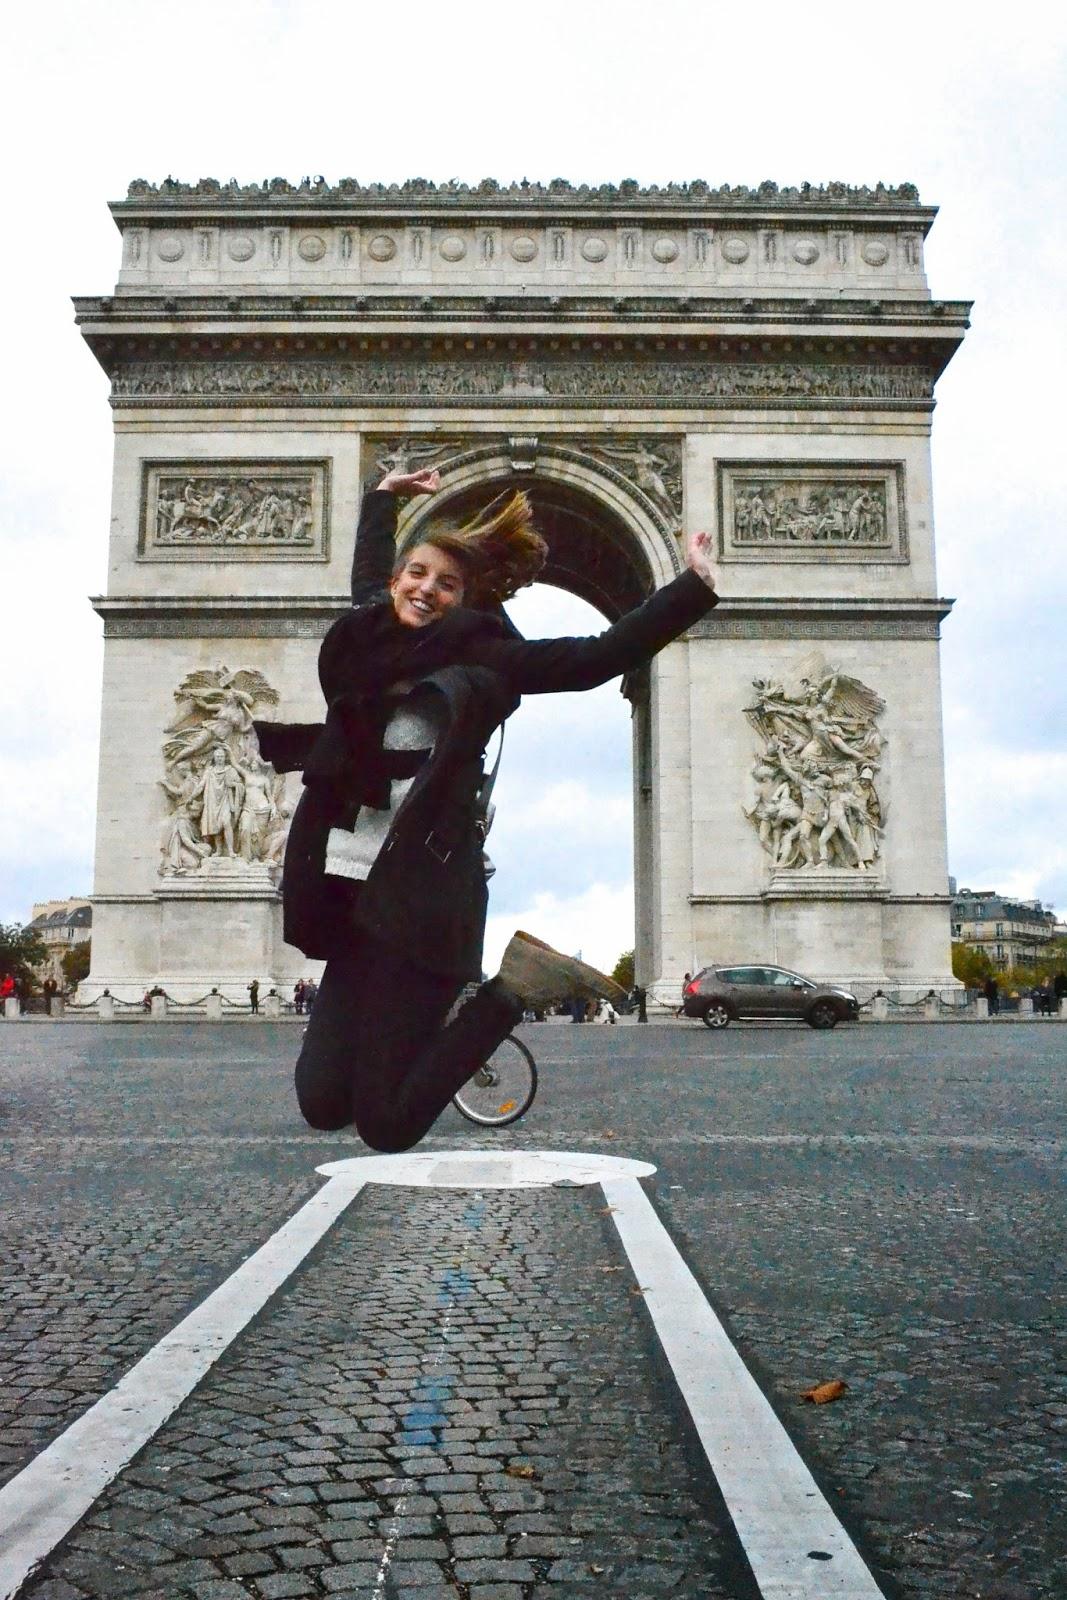 Arco de triunfo, Paris, Francia, guía de viaje